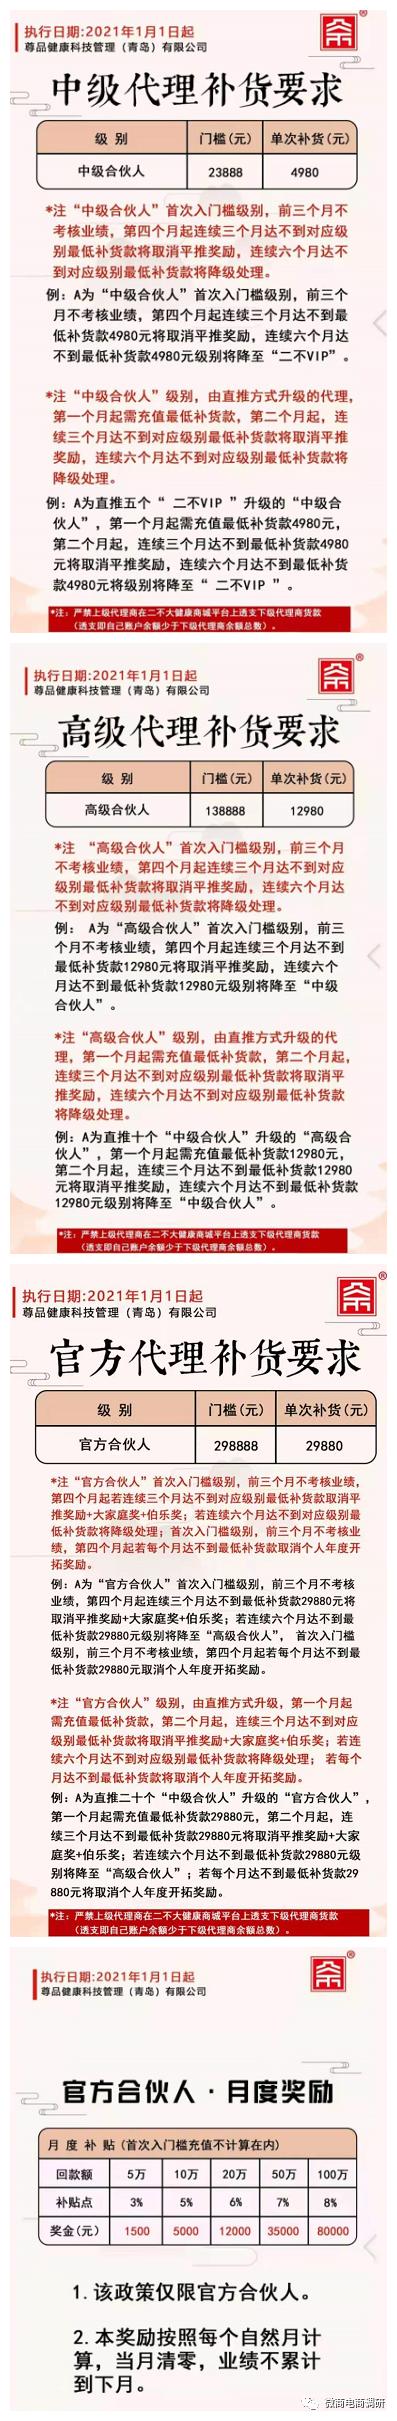 二不姜寒茶曾因菌落总数不合格遭到处罚,现行制度有何特色?